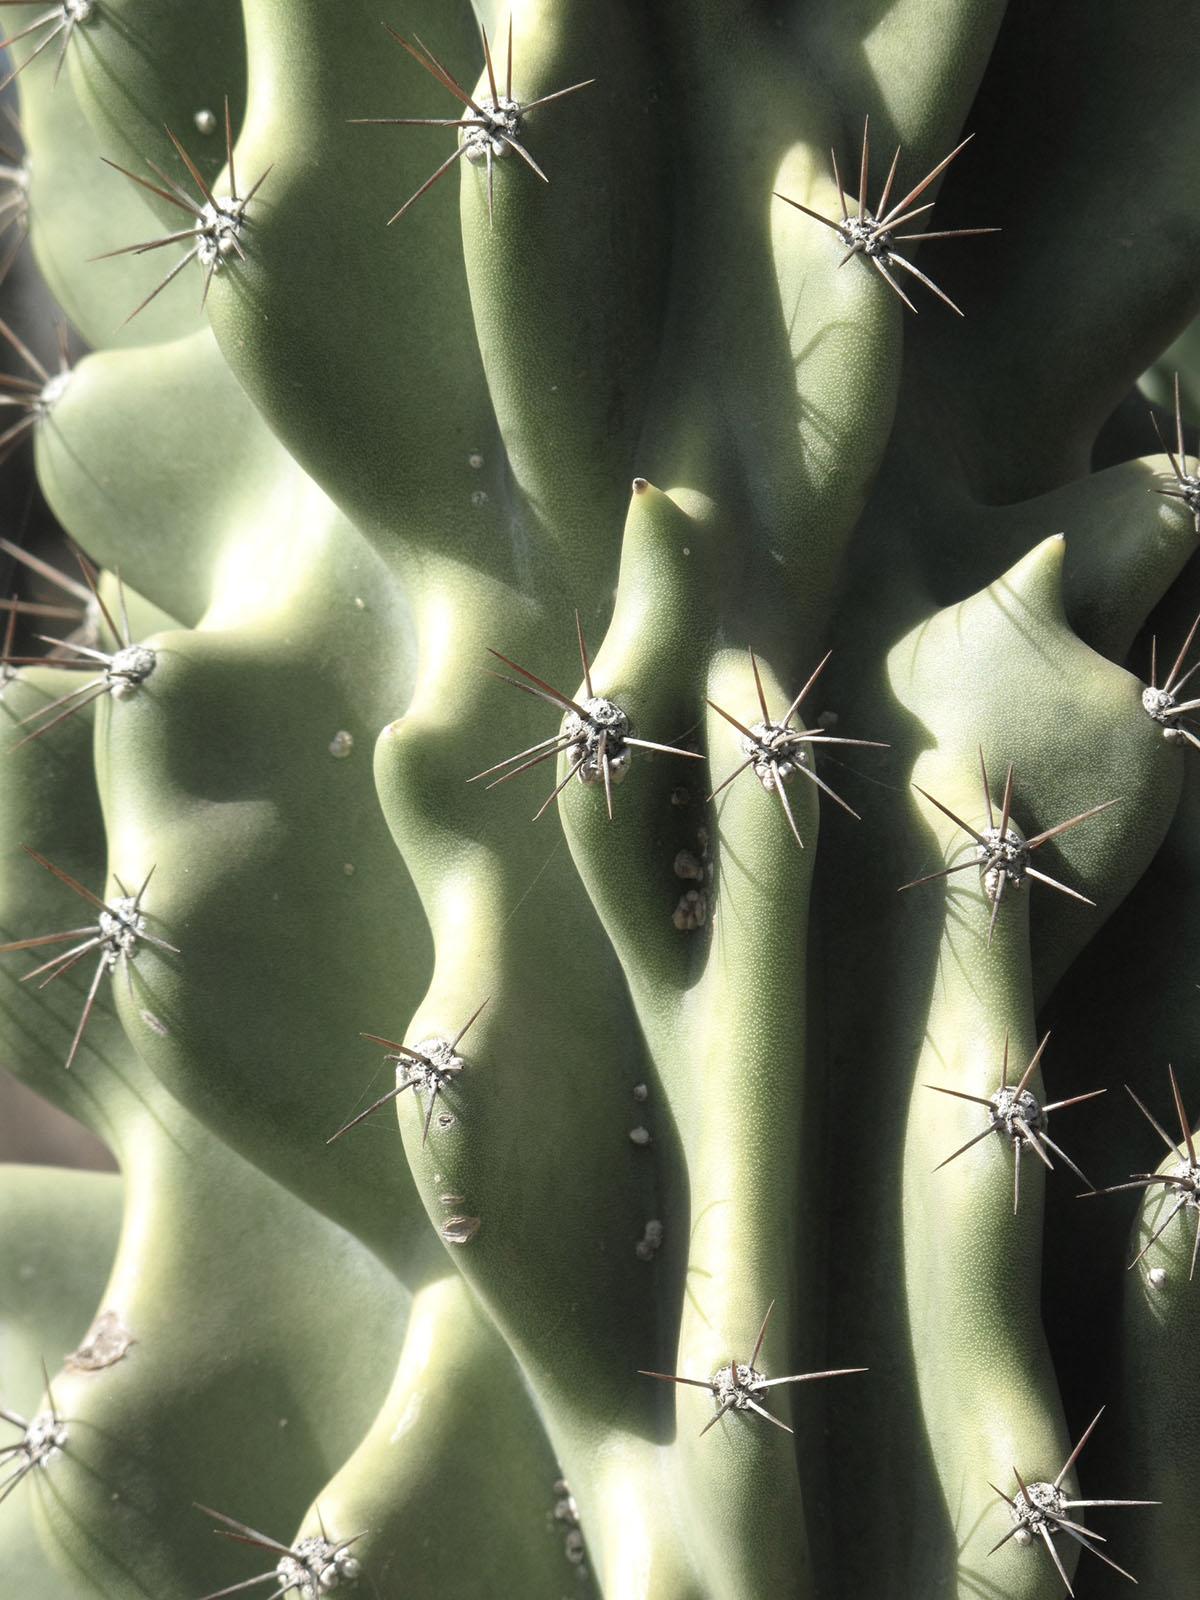 Cereus hildmannianmus 'Monstrous' 13